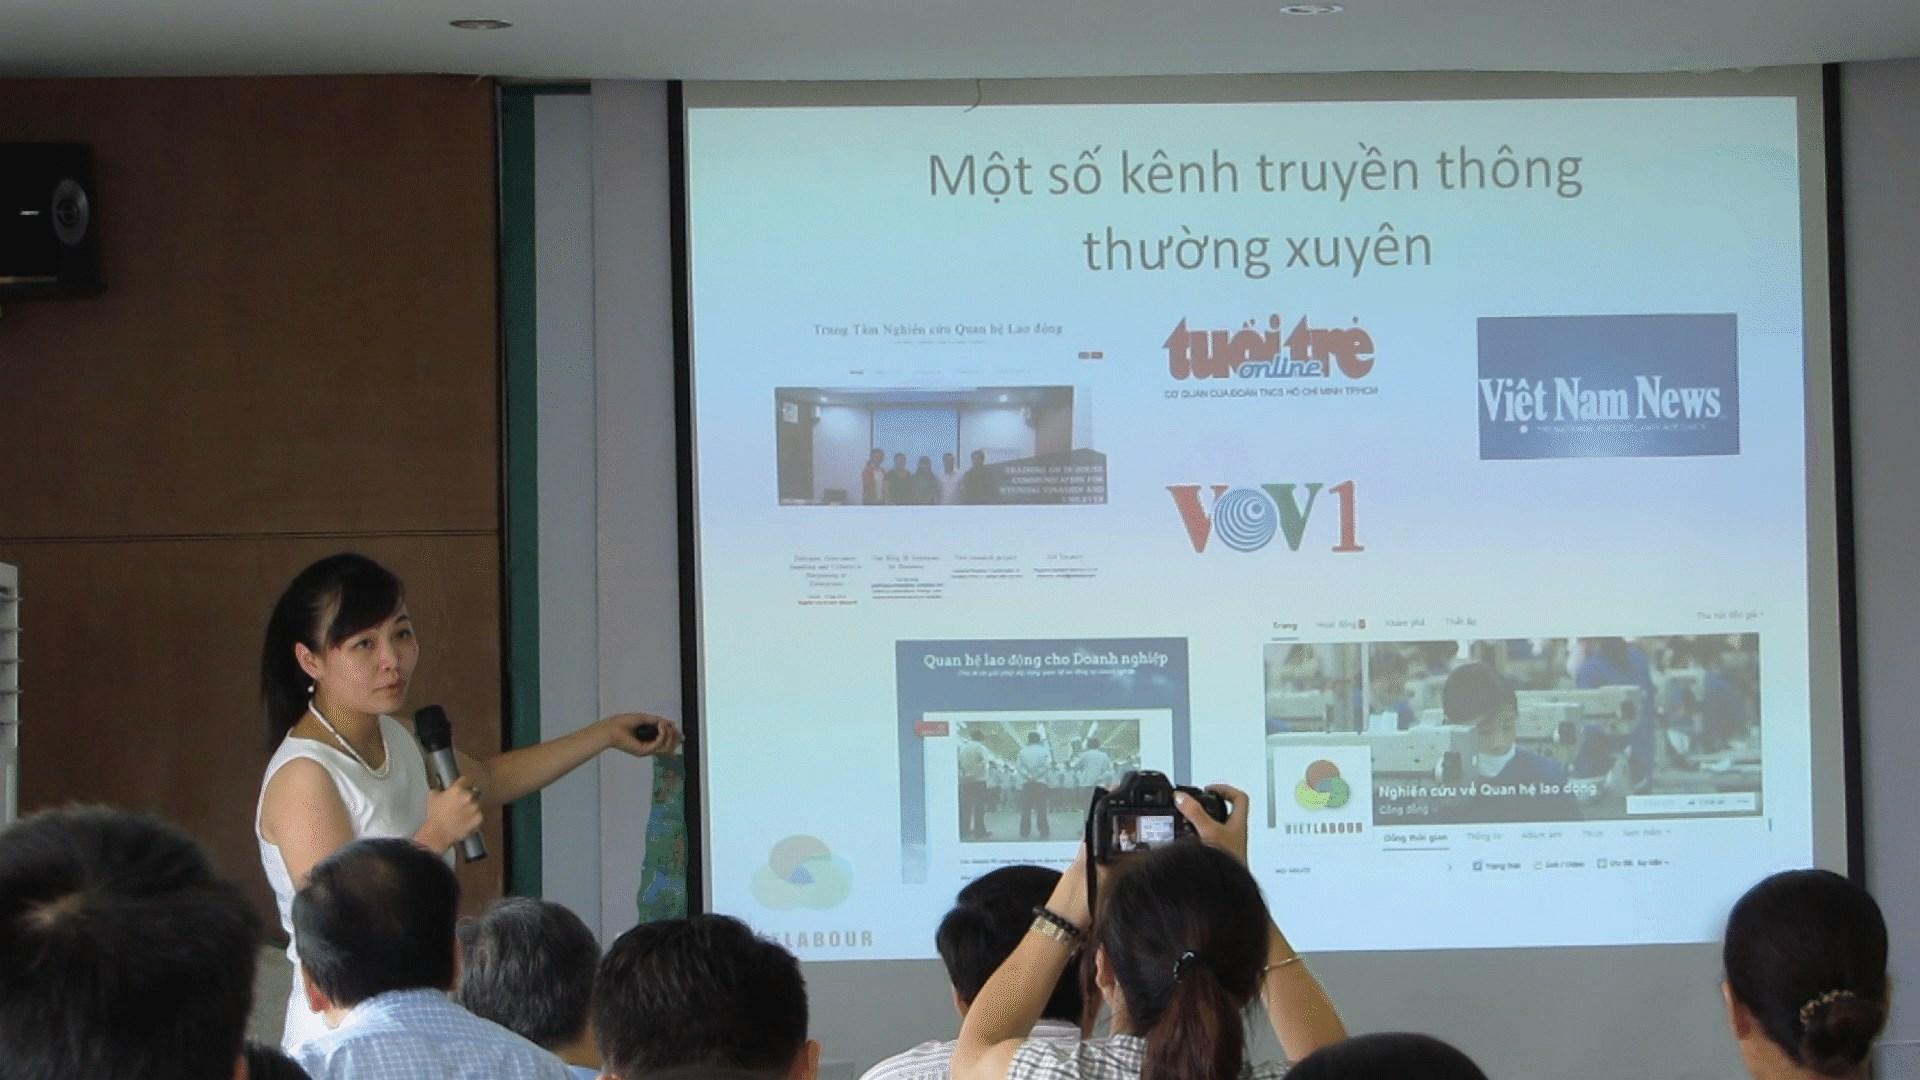 Chiến lược truyền thông của NGO